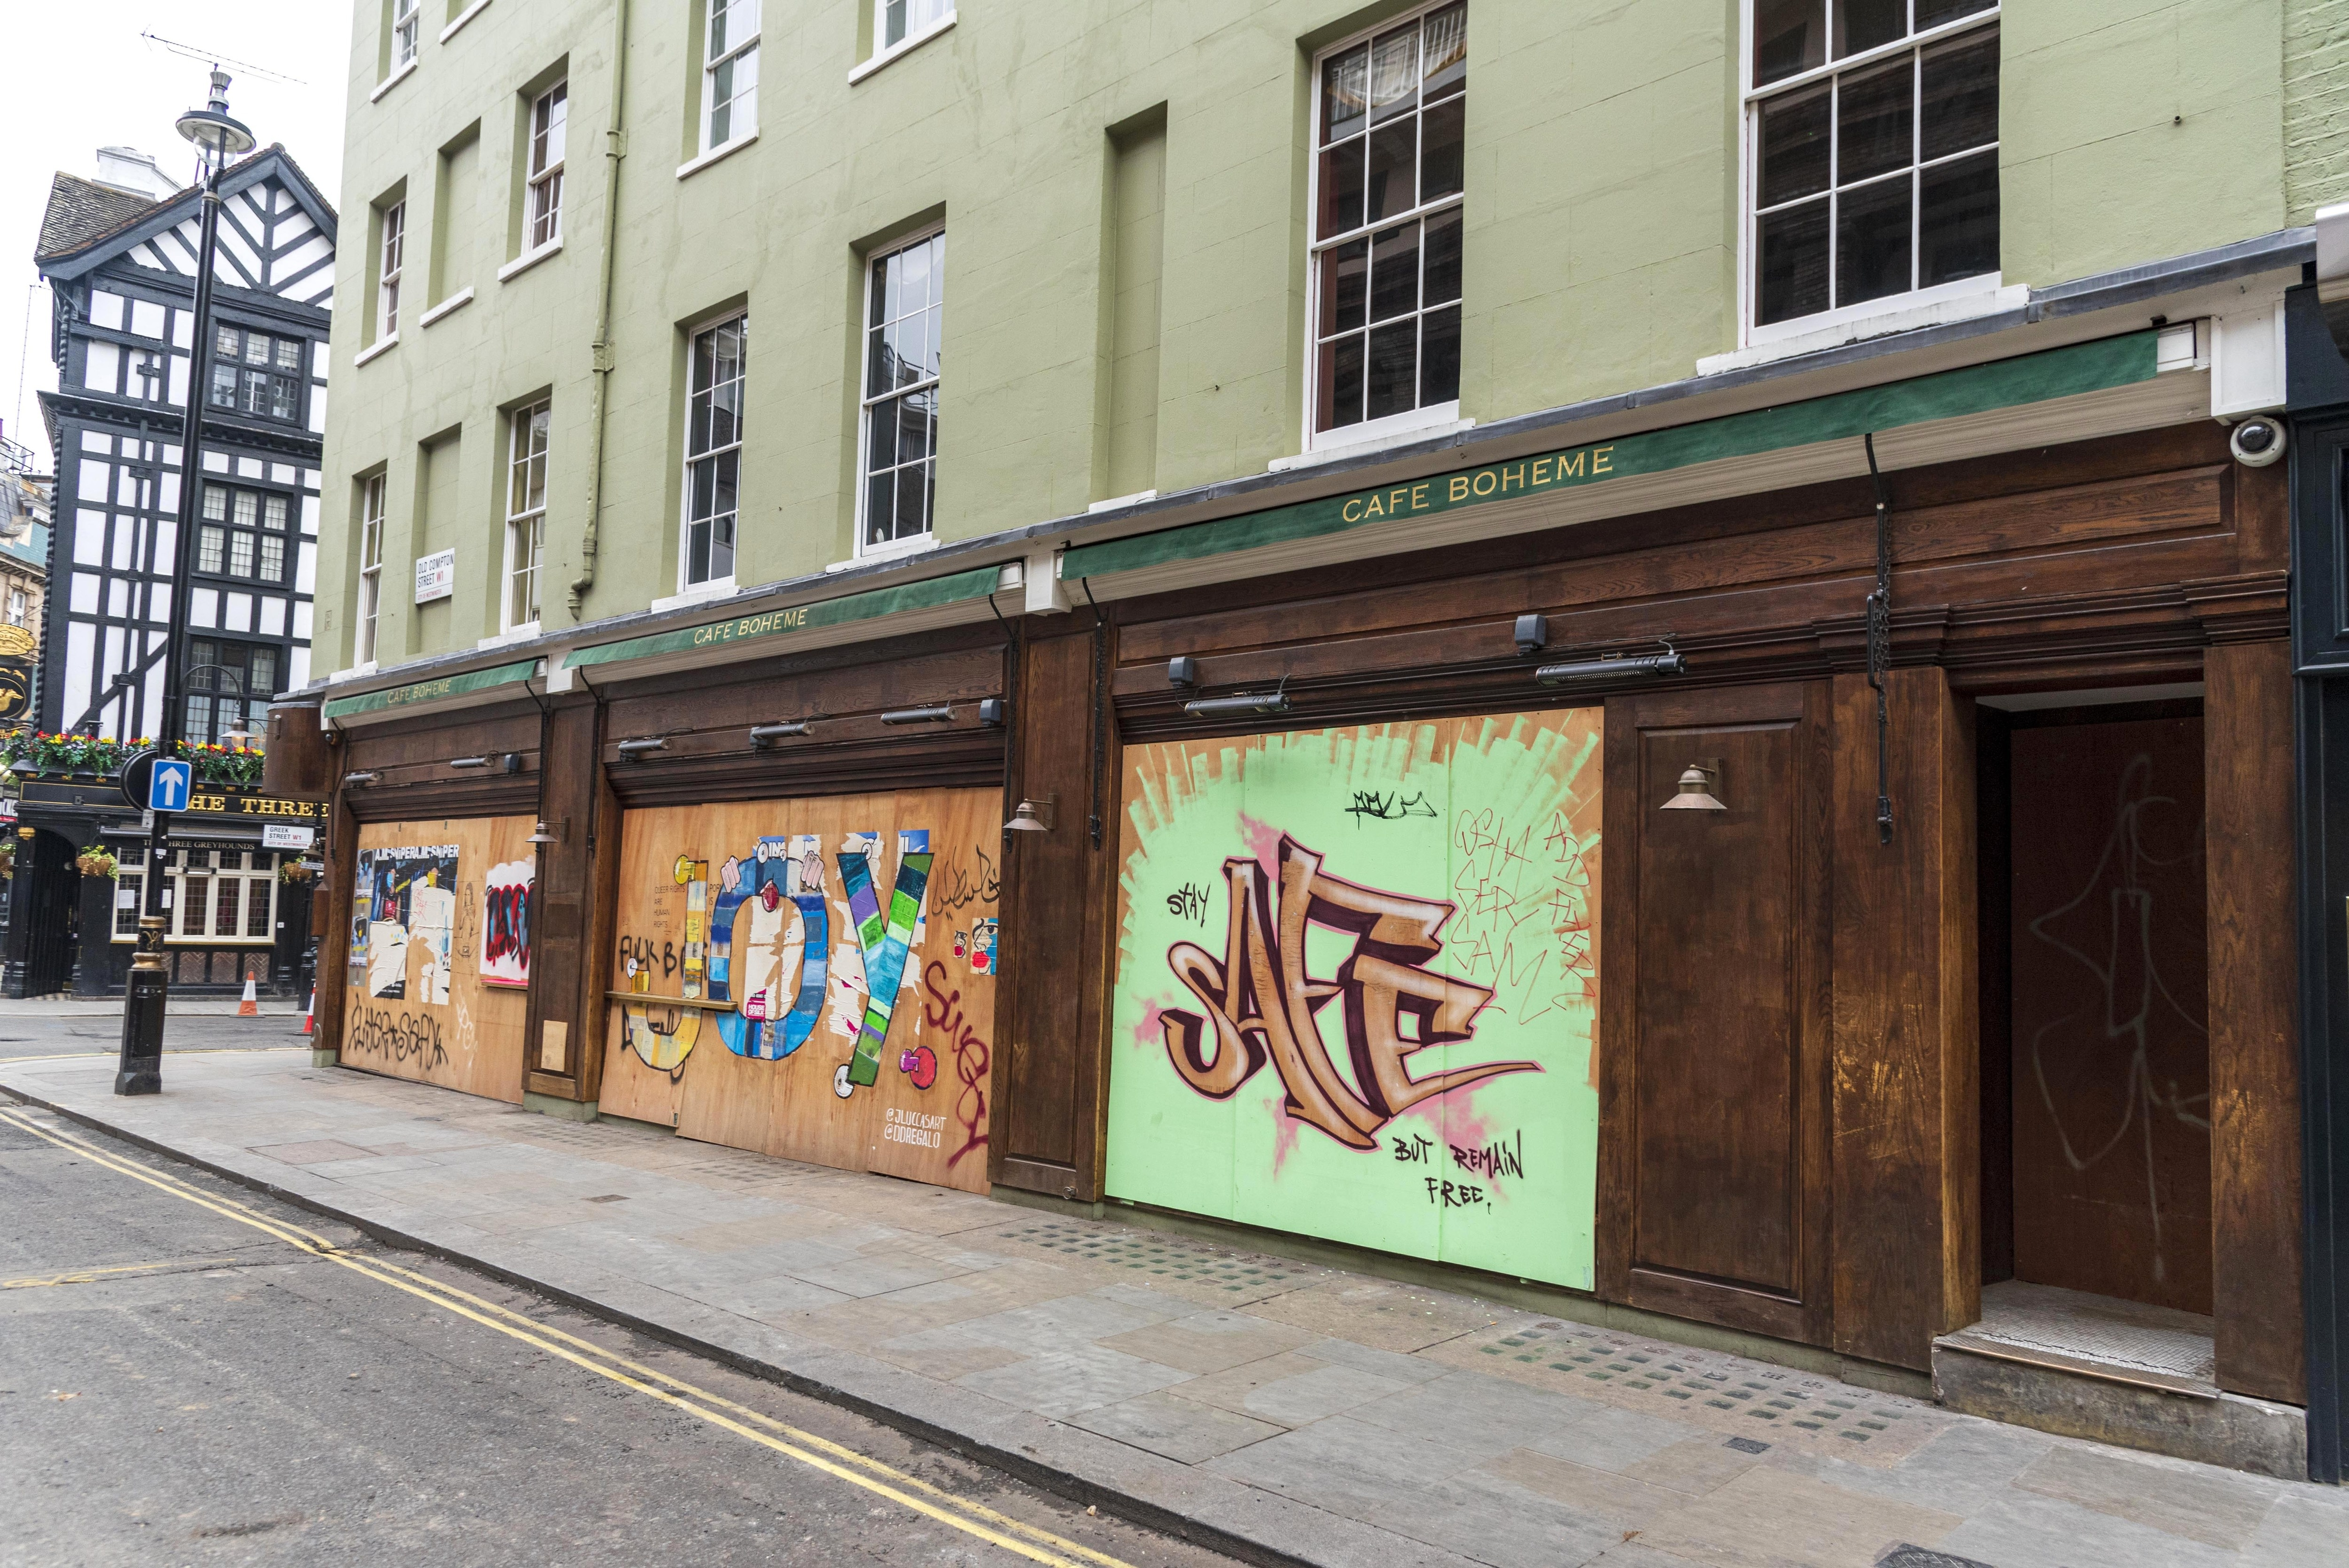 Street art on hoardings on the front of Cafe Boheme in Soho...